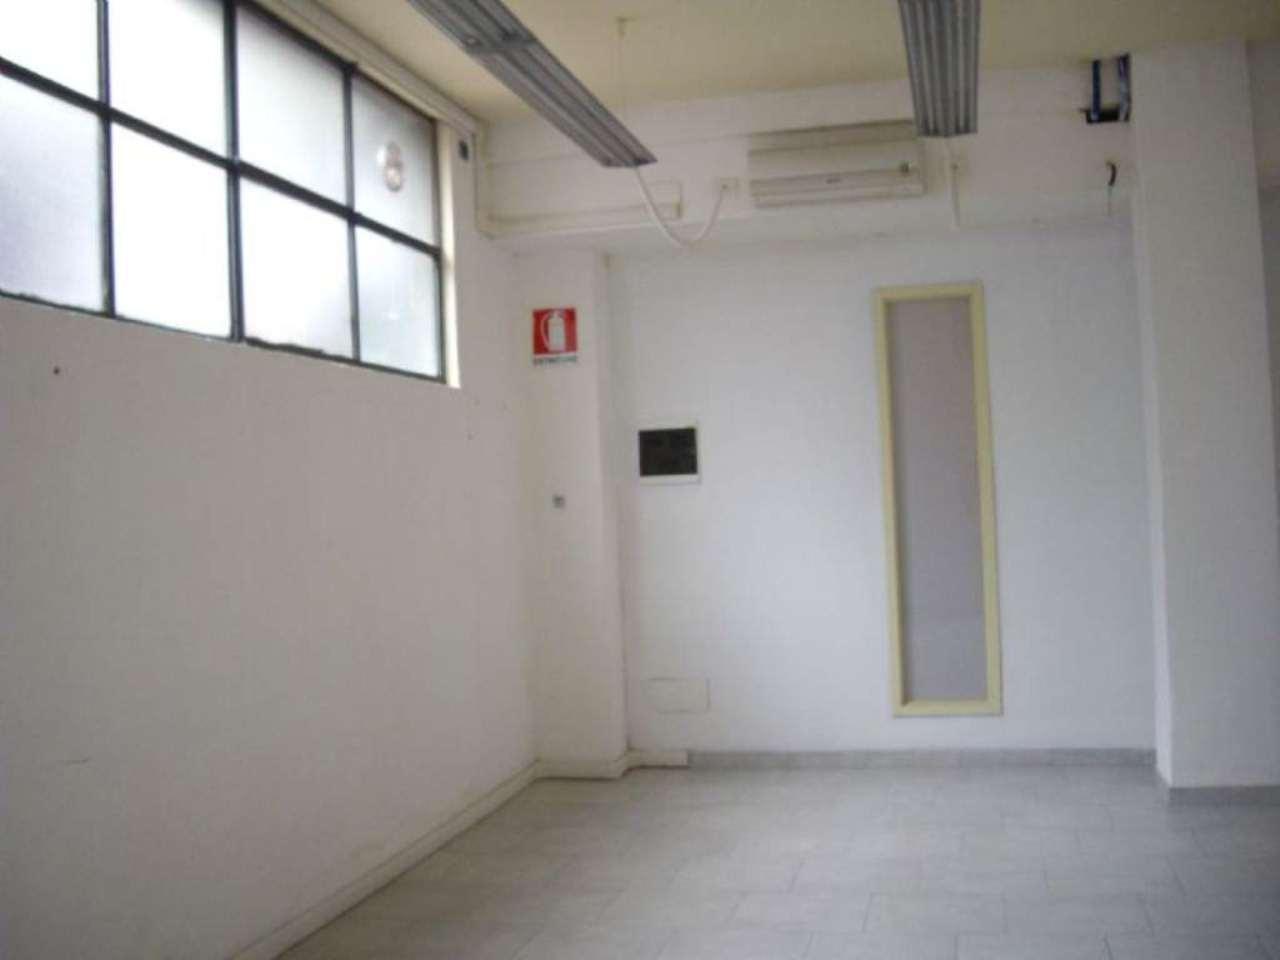 Laboratorio in affitto a Milano, 2 locali, zona Zona: 2 . Repubblica, Stazione Centrale, P.ta Nuova, B. Marcello, prezzo € 500 | CambioCasa.it